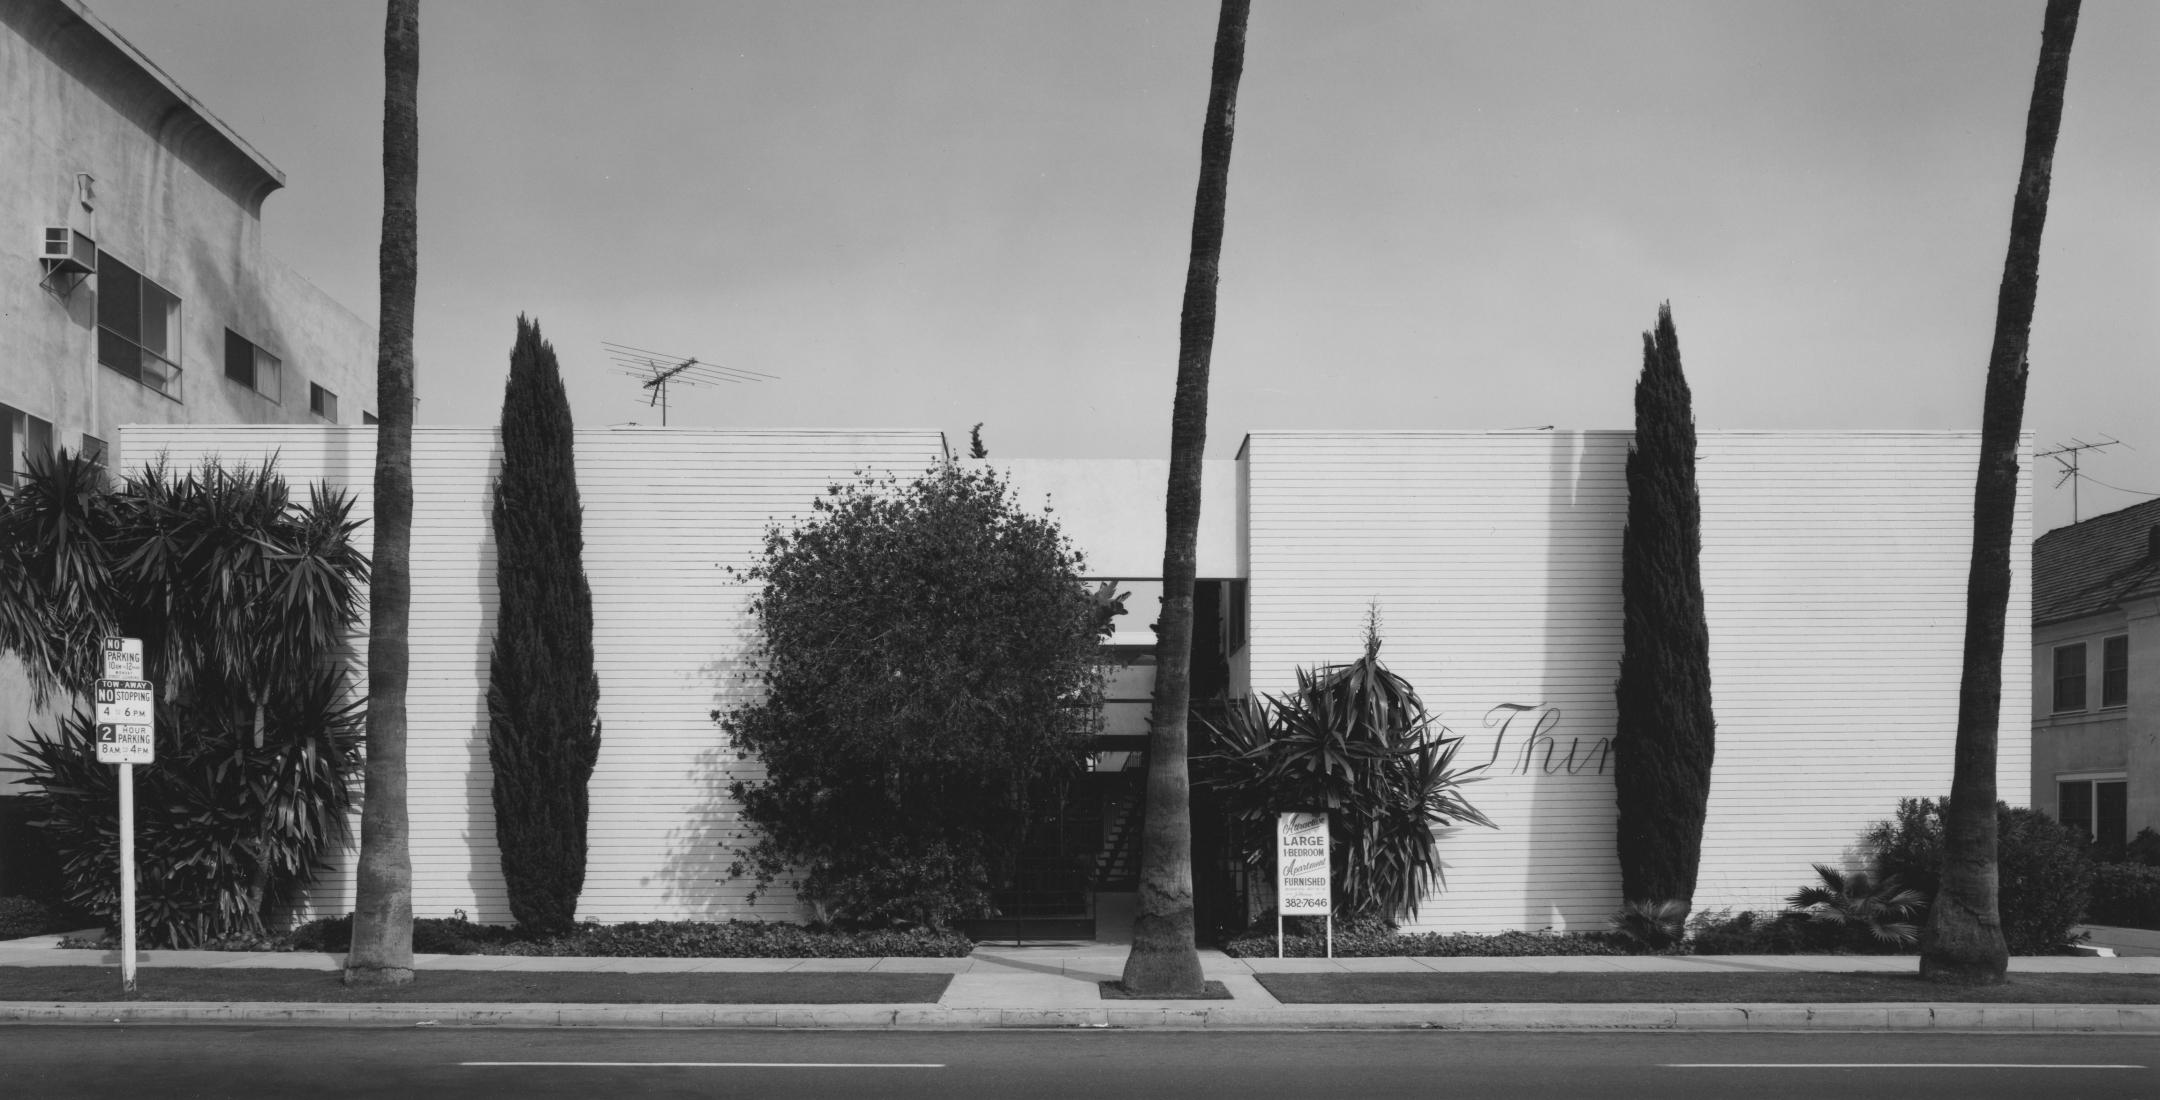 Los Angeles circa 1970s